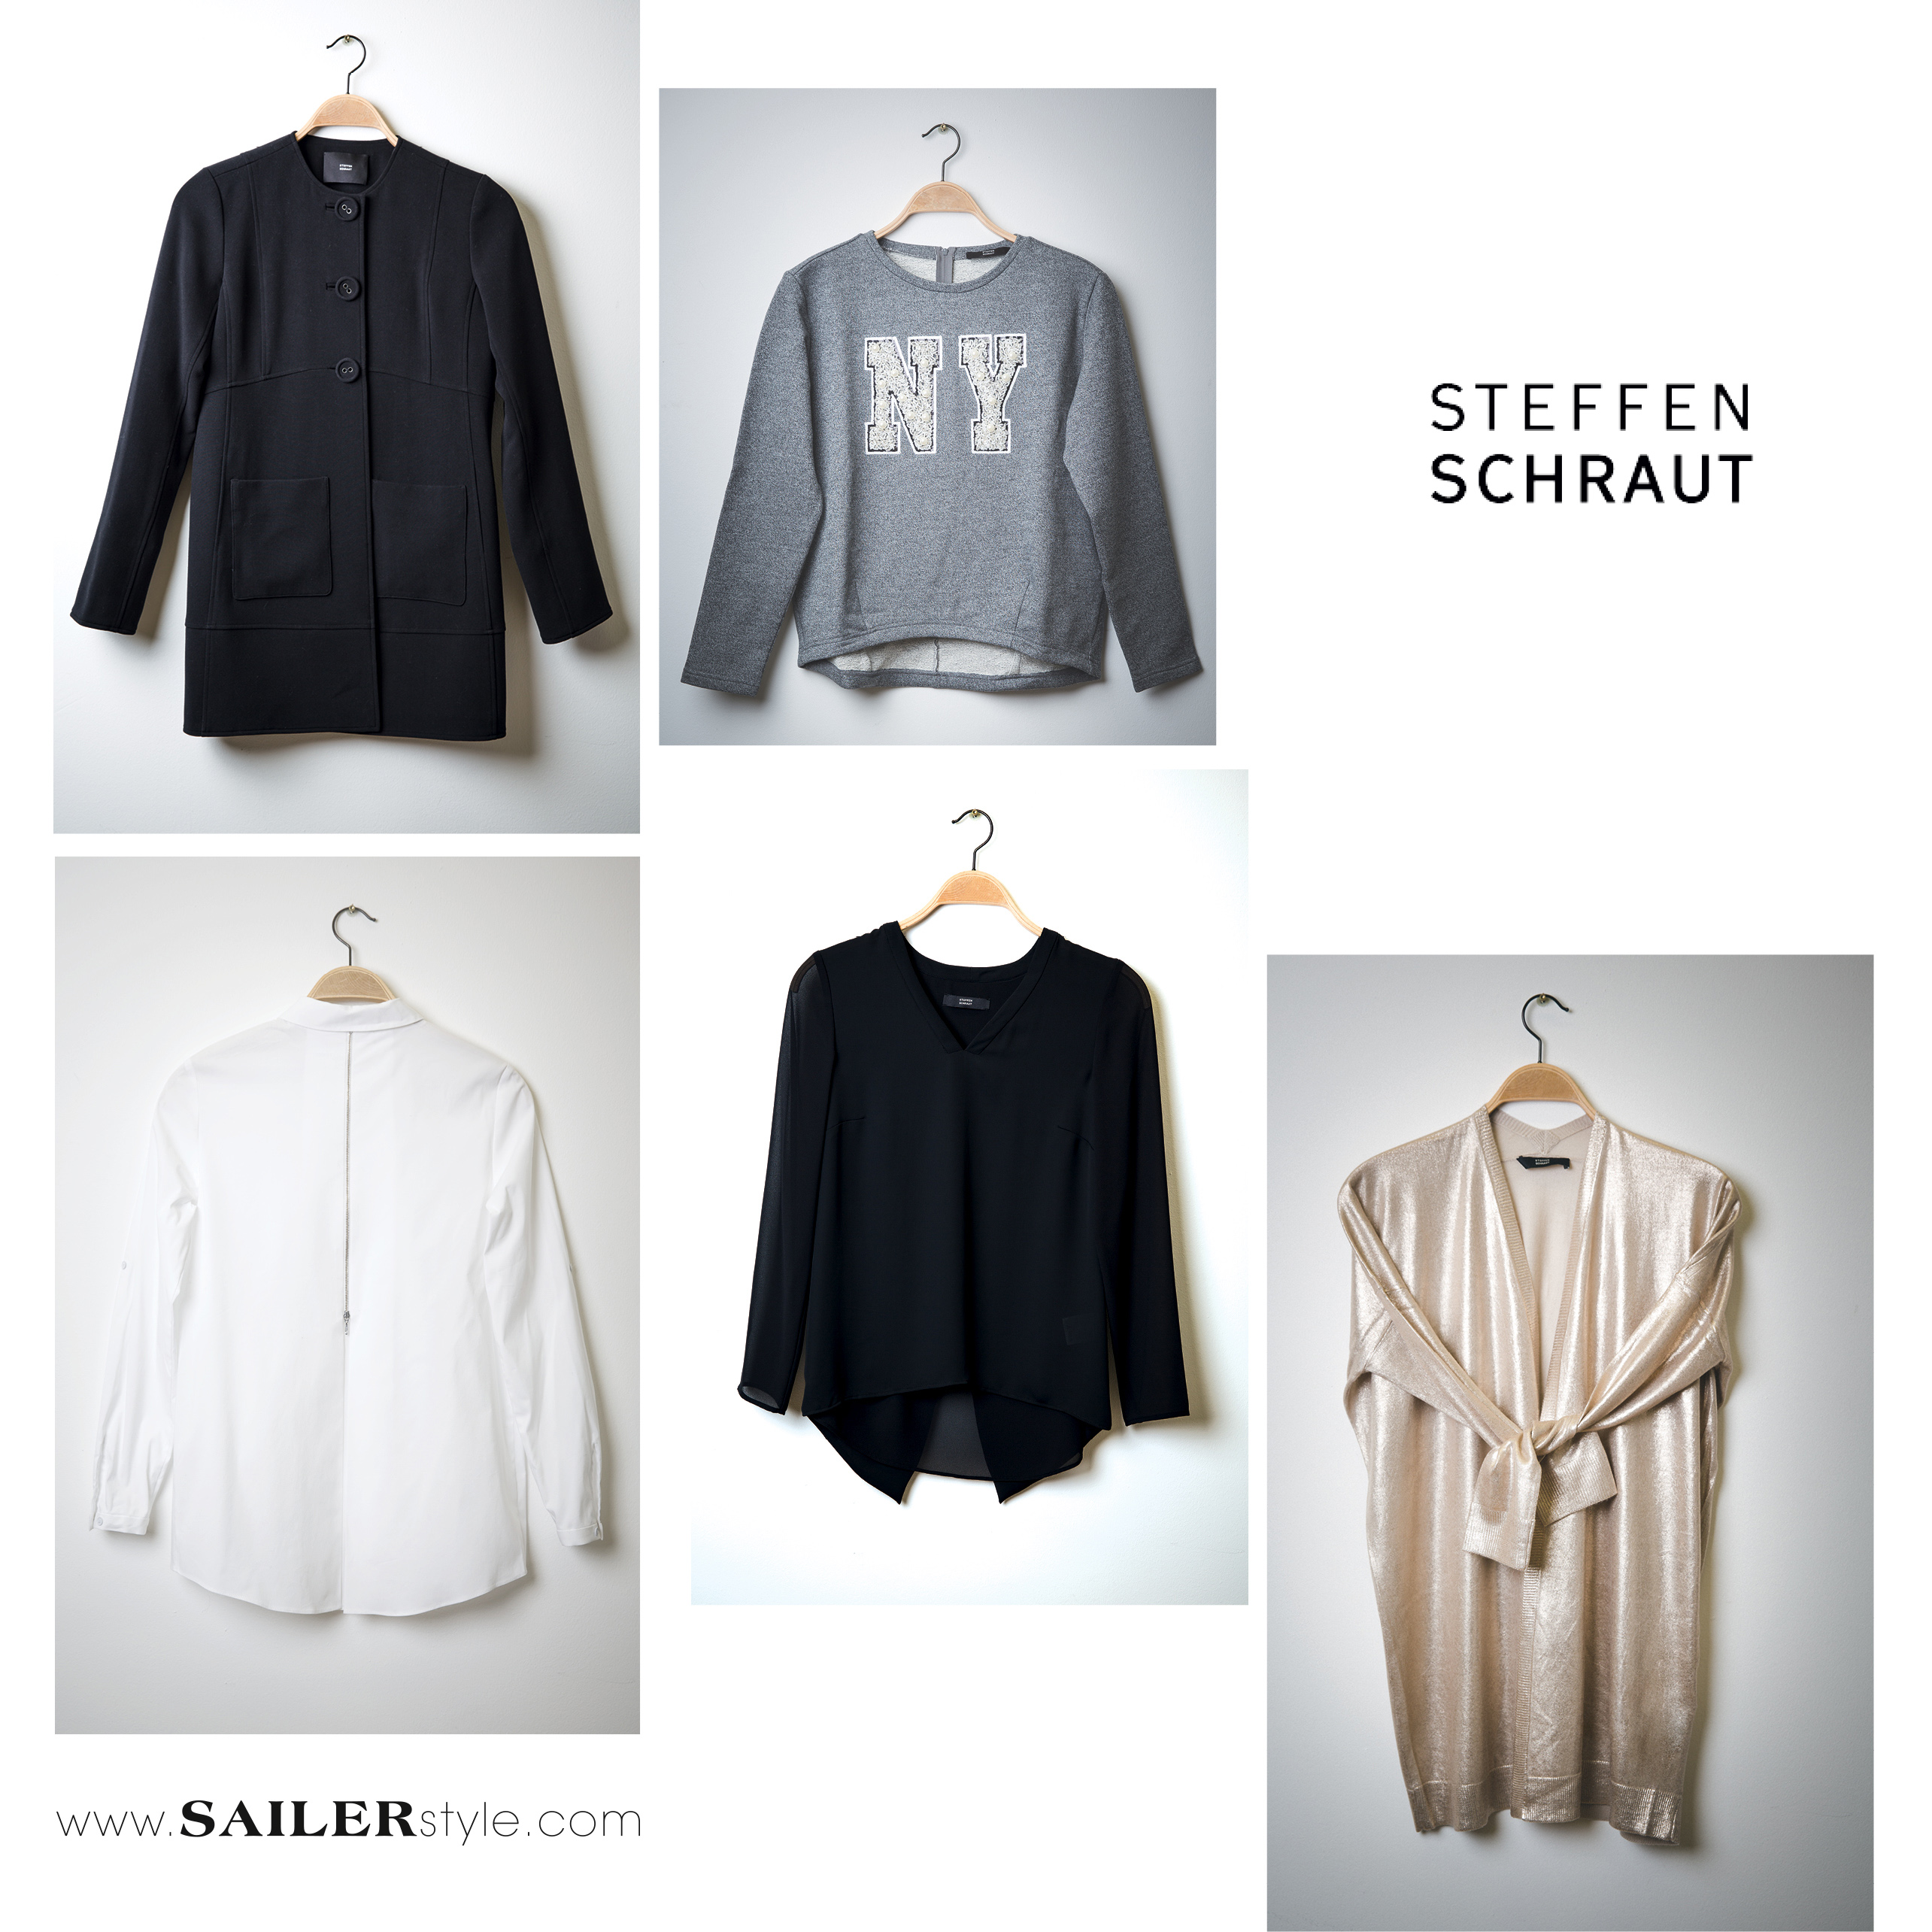 Steffen-Schraut-damen-mode-onlineshop-sailerstyle